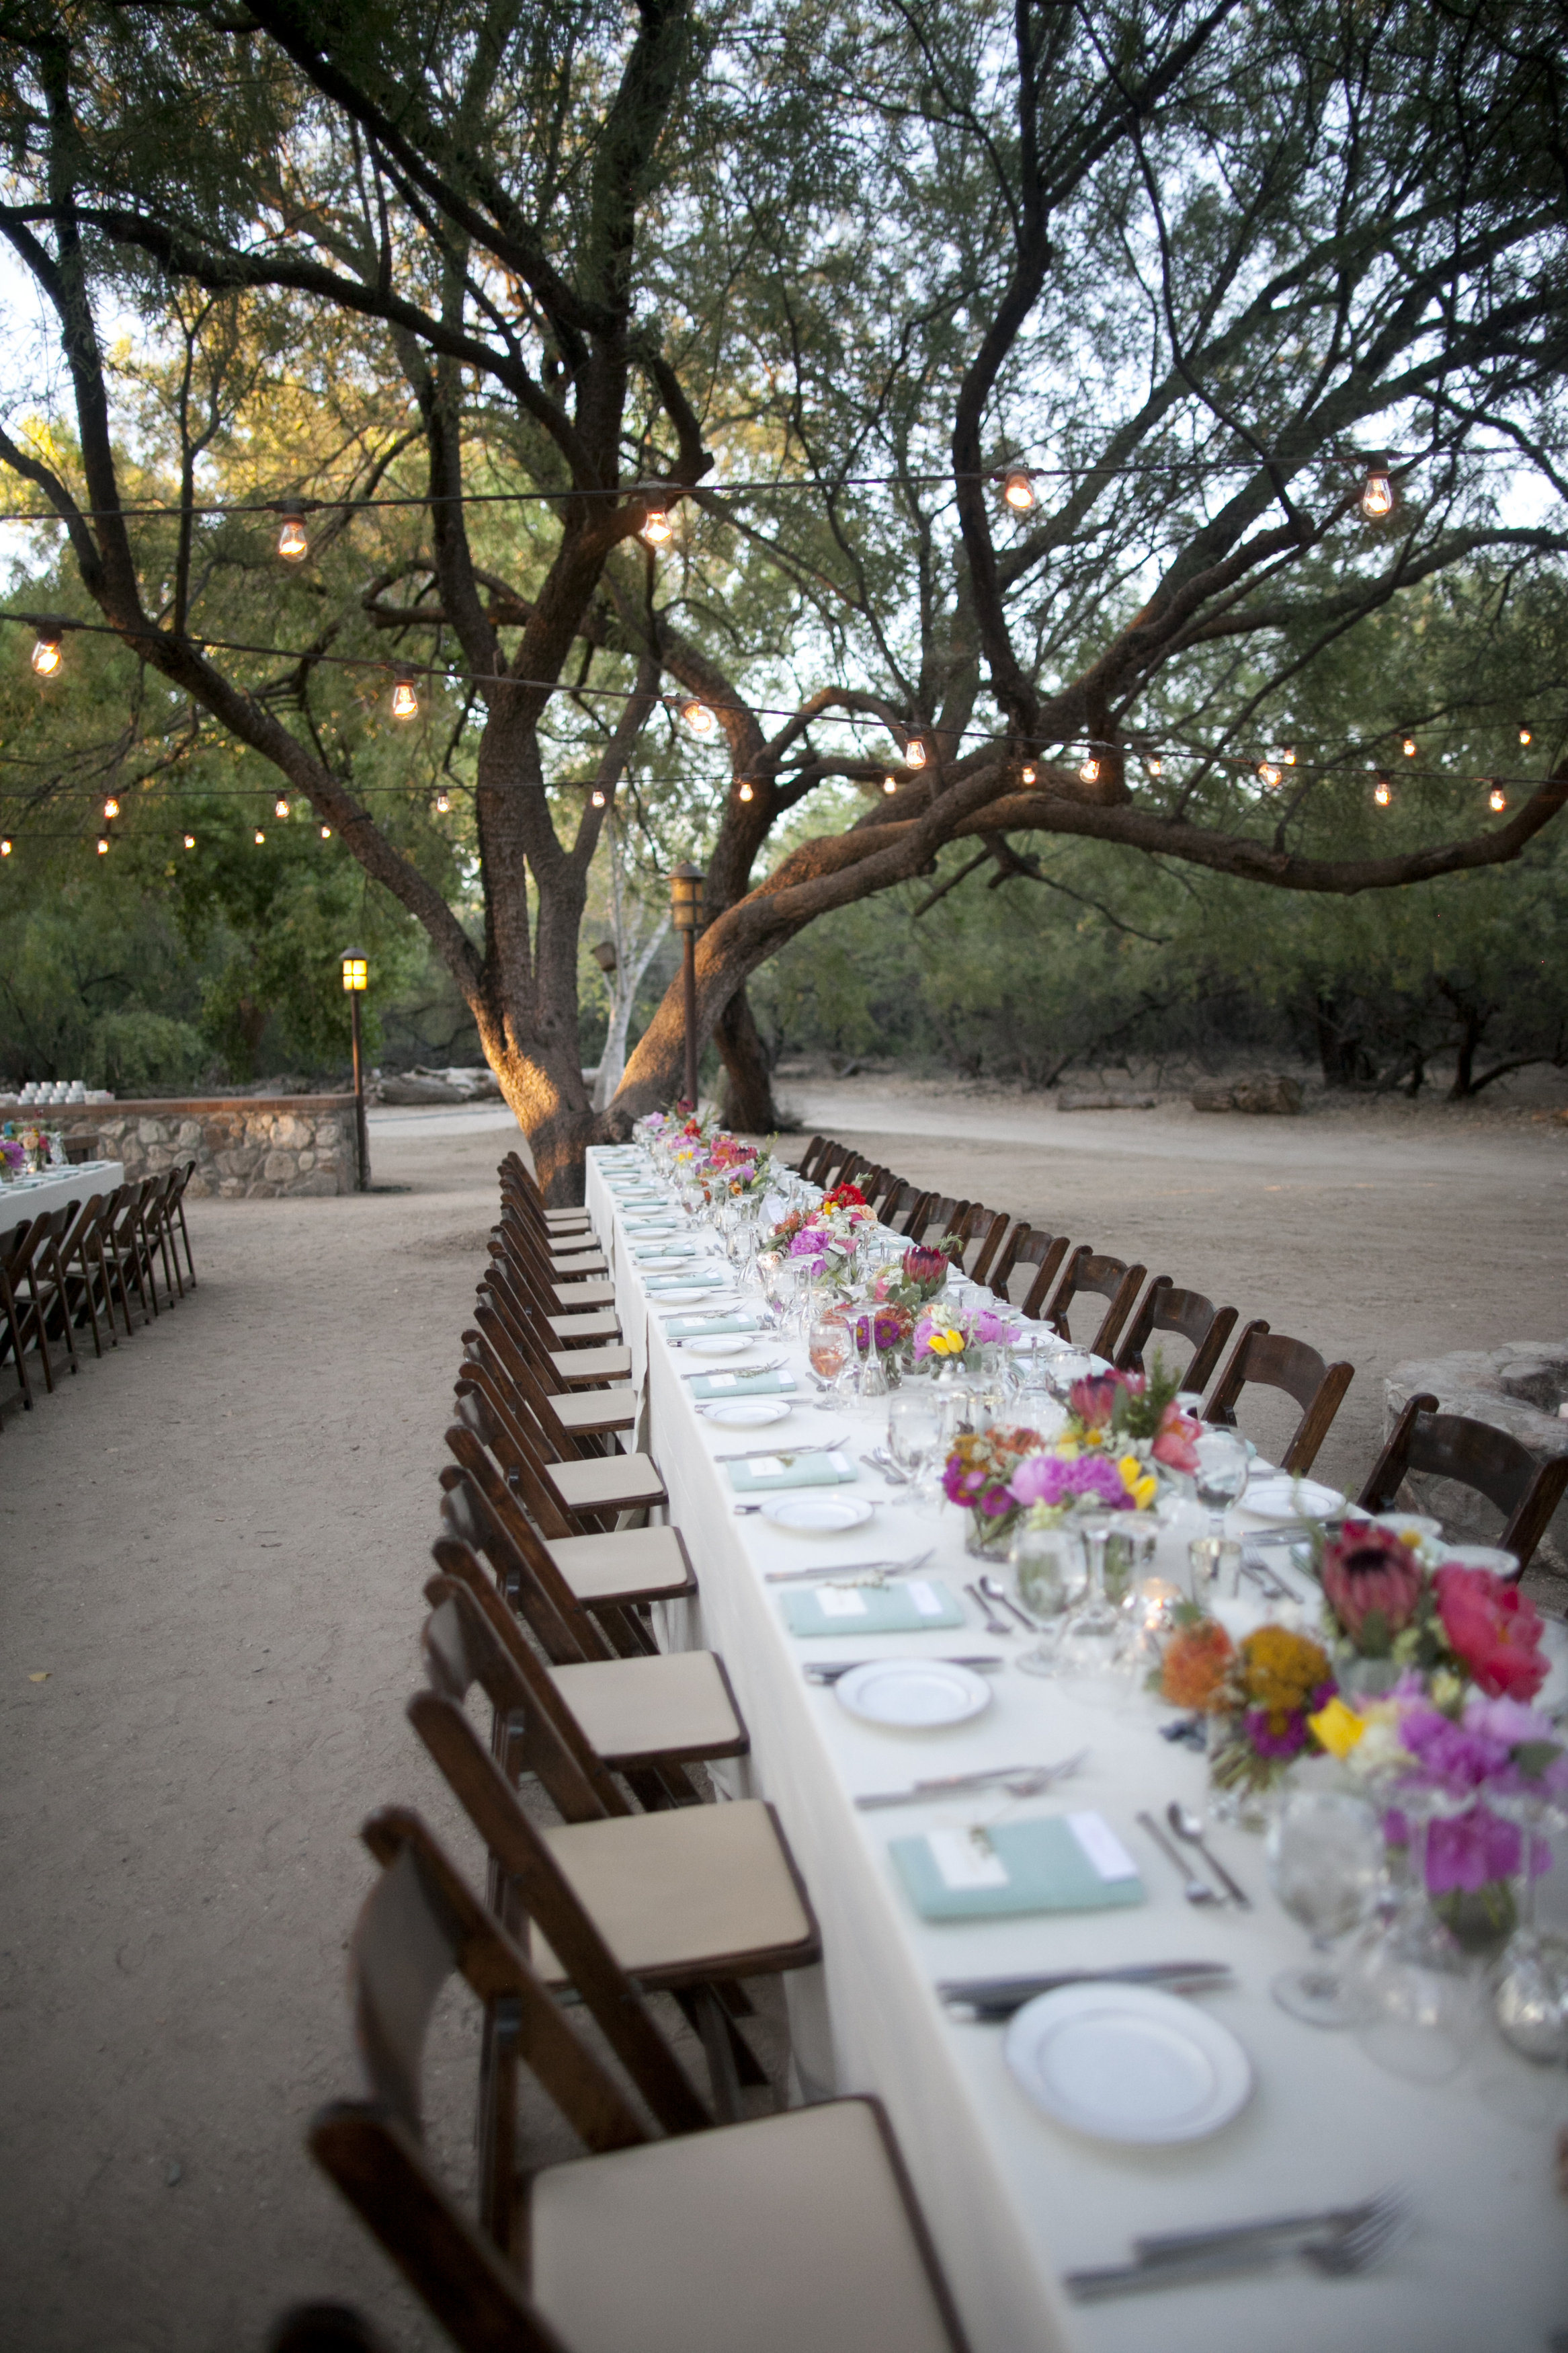 Ceci_New_York_Ceci_Style_Ceci_Johnson_Luxury_Lifestyle_Arizona_Wedding_Watercolor_Inspiration_Design_Custom_Couture_Personalized_Invitations_141.jpg